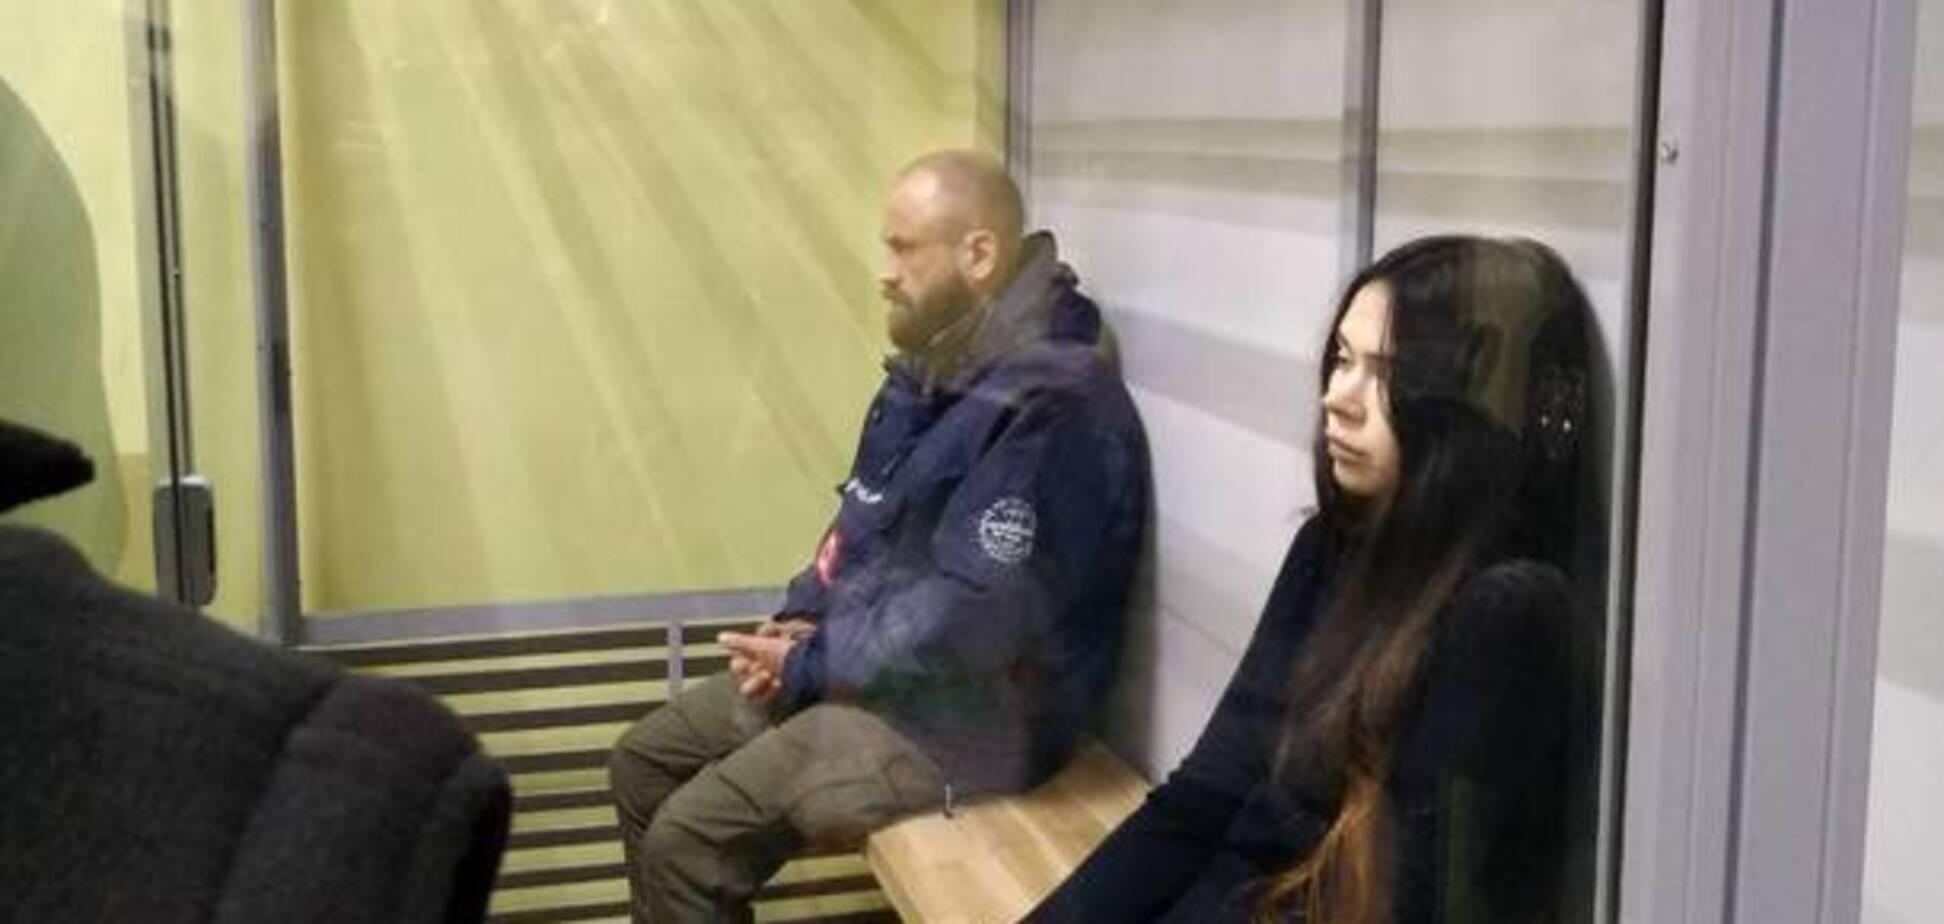 ''Зайцеву нічого не бере?'' Адвокат вказала на скандальний момент у справі про смертельну ДТП у Харкові